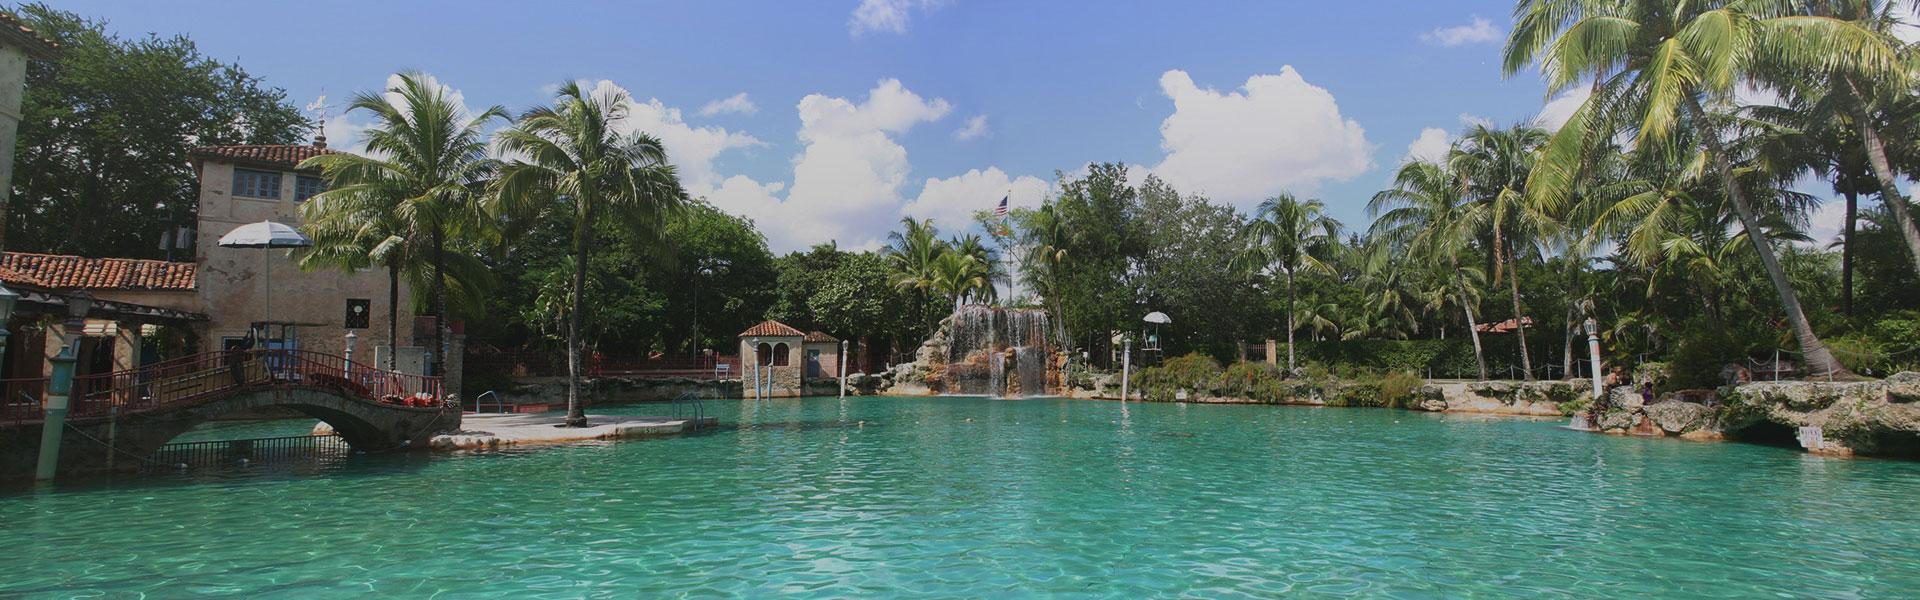 Venetian Pool de Miami